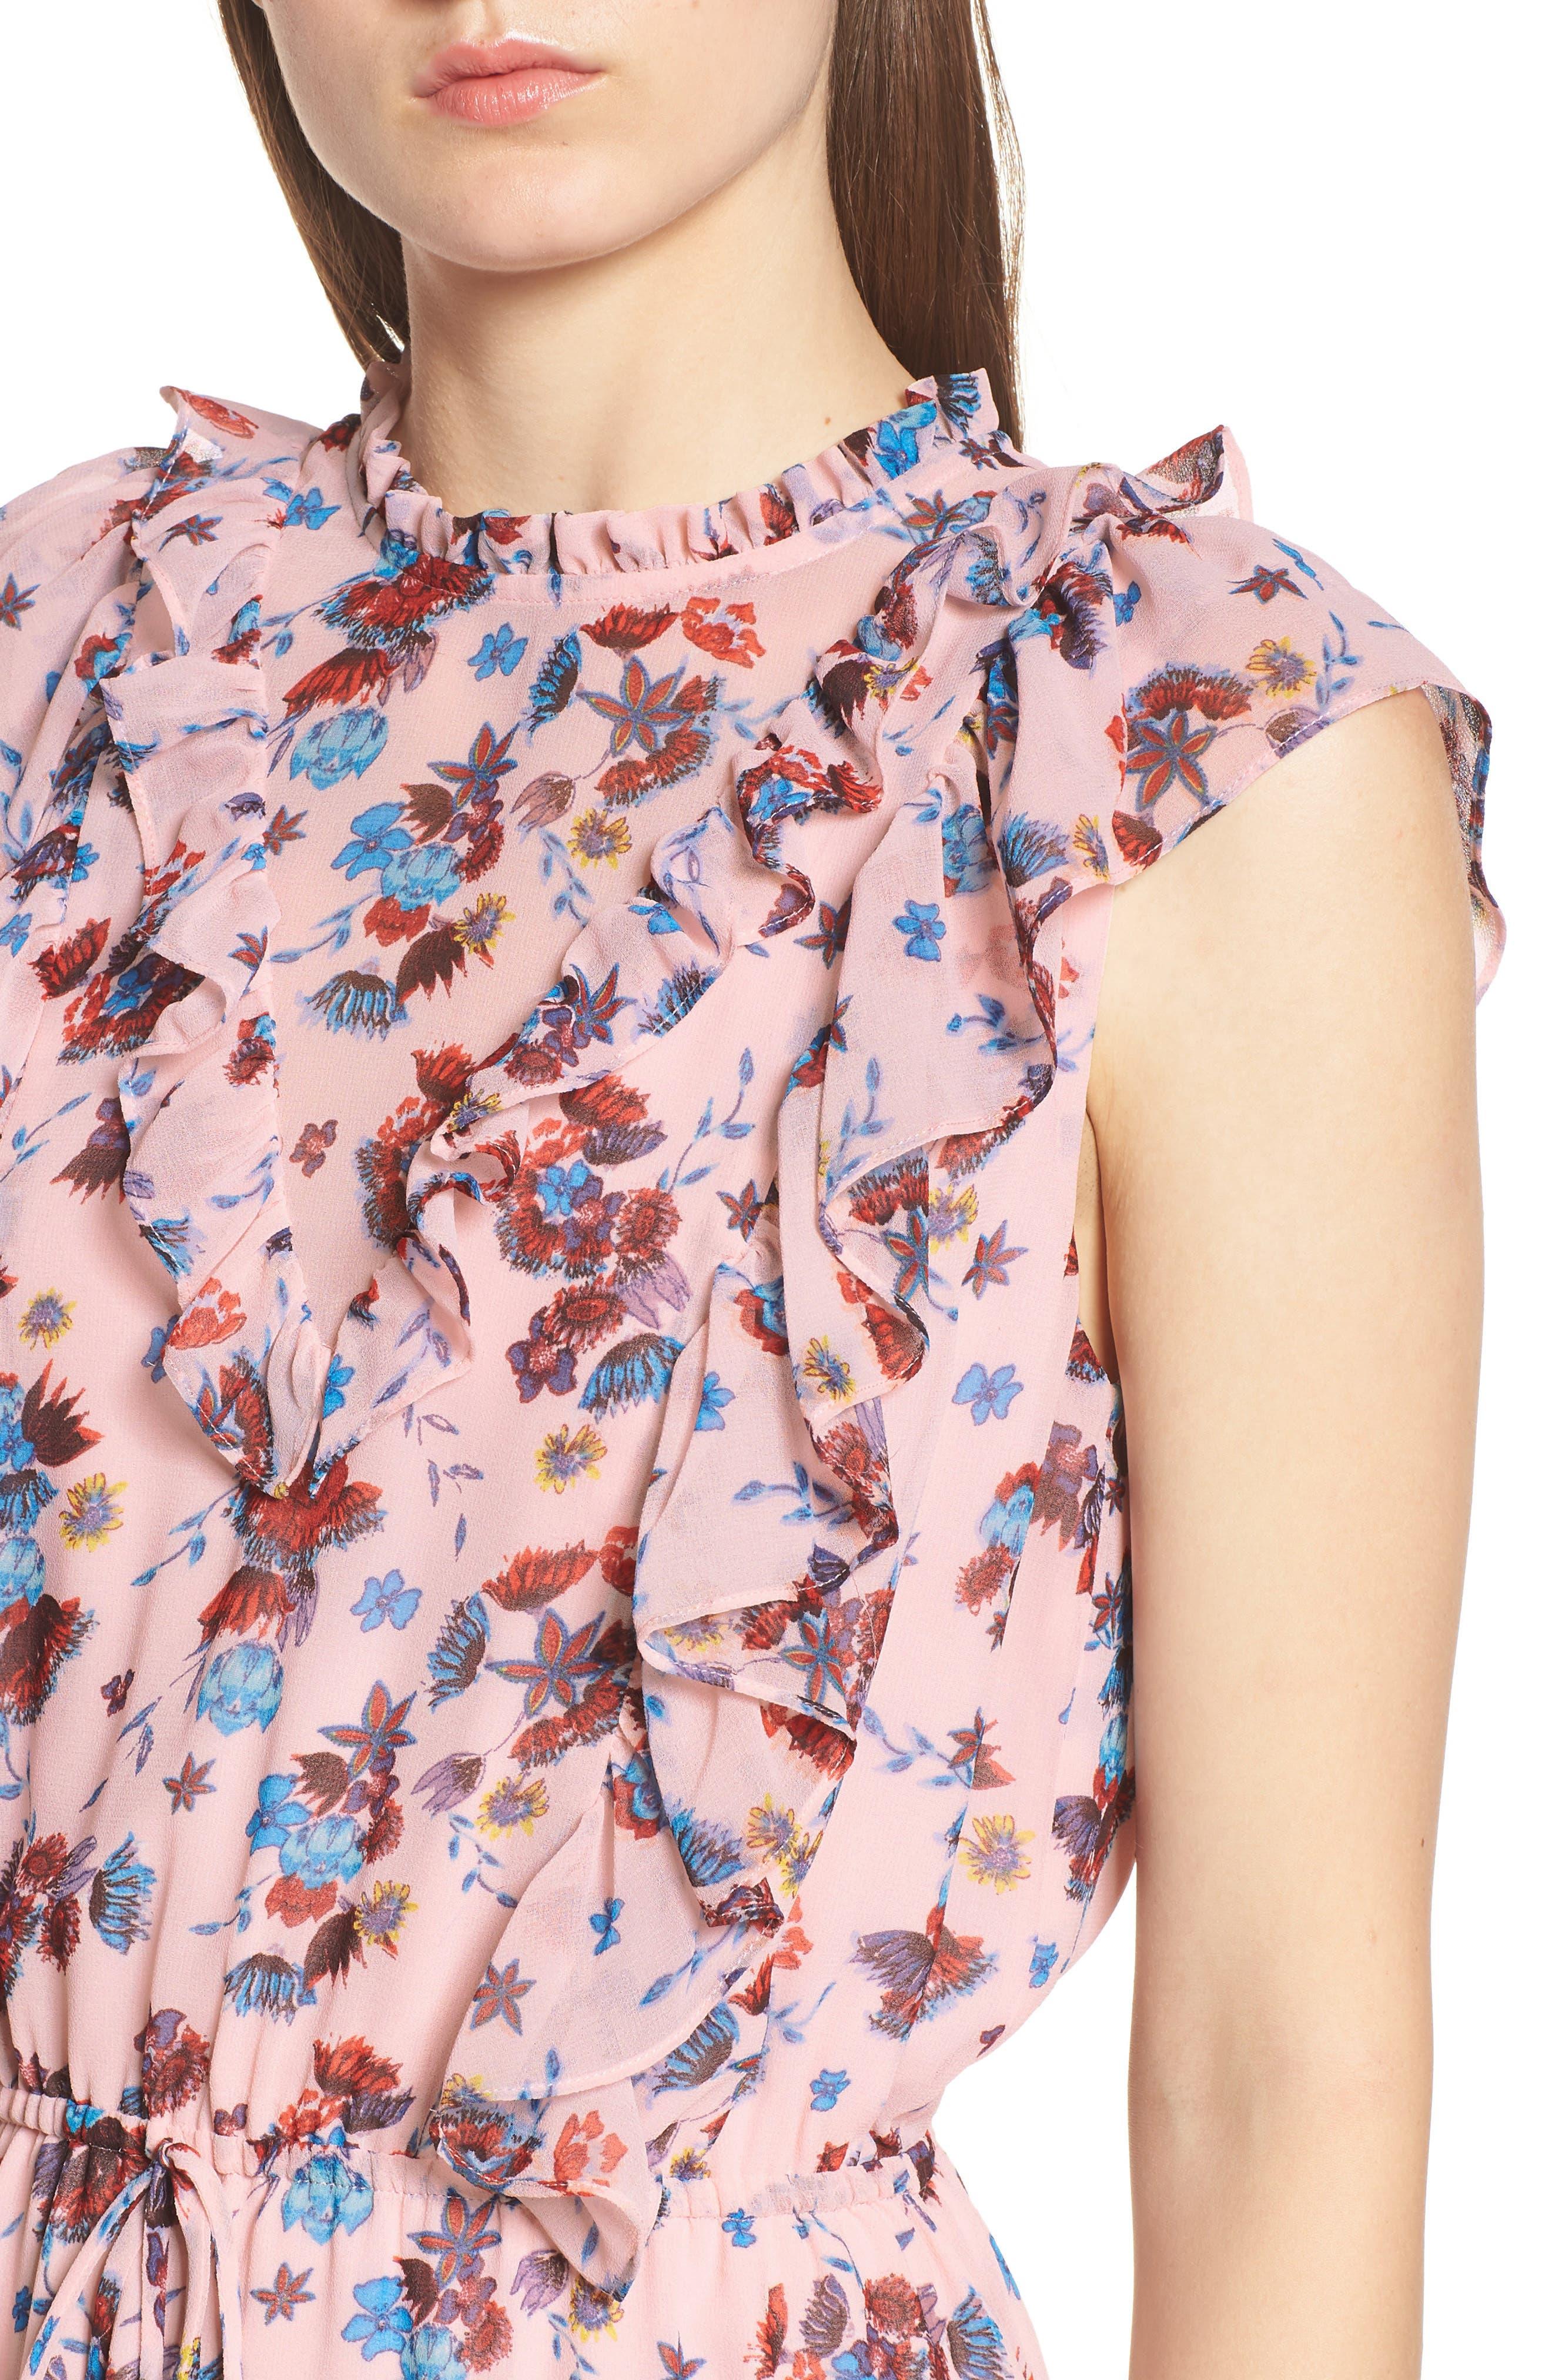 Kika Dress,                             Alternate thumbnail 4, color,                             PINK MULTI